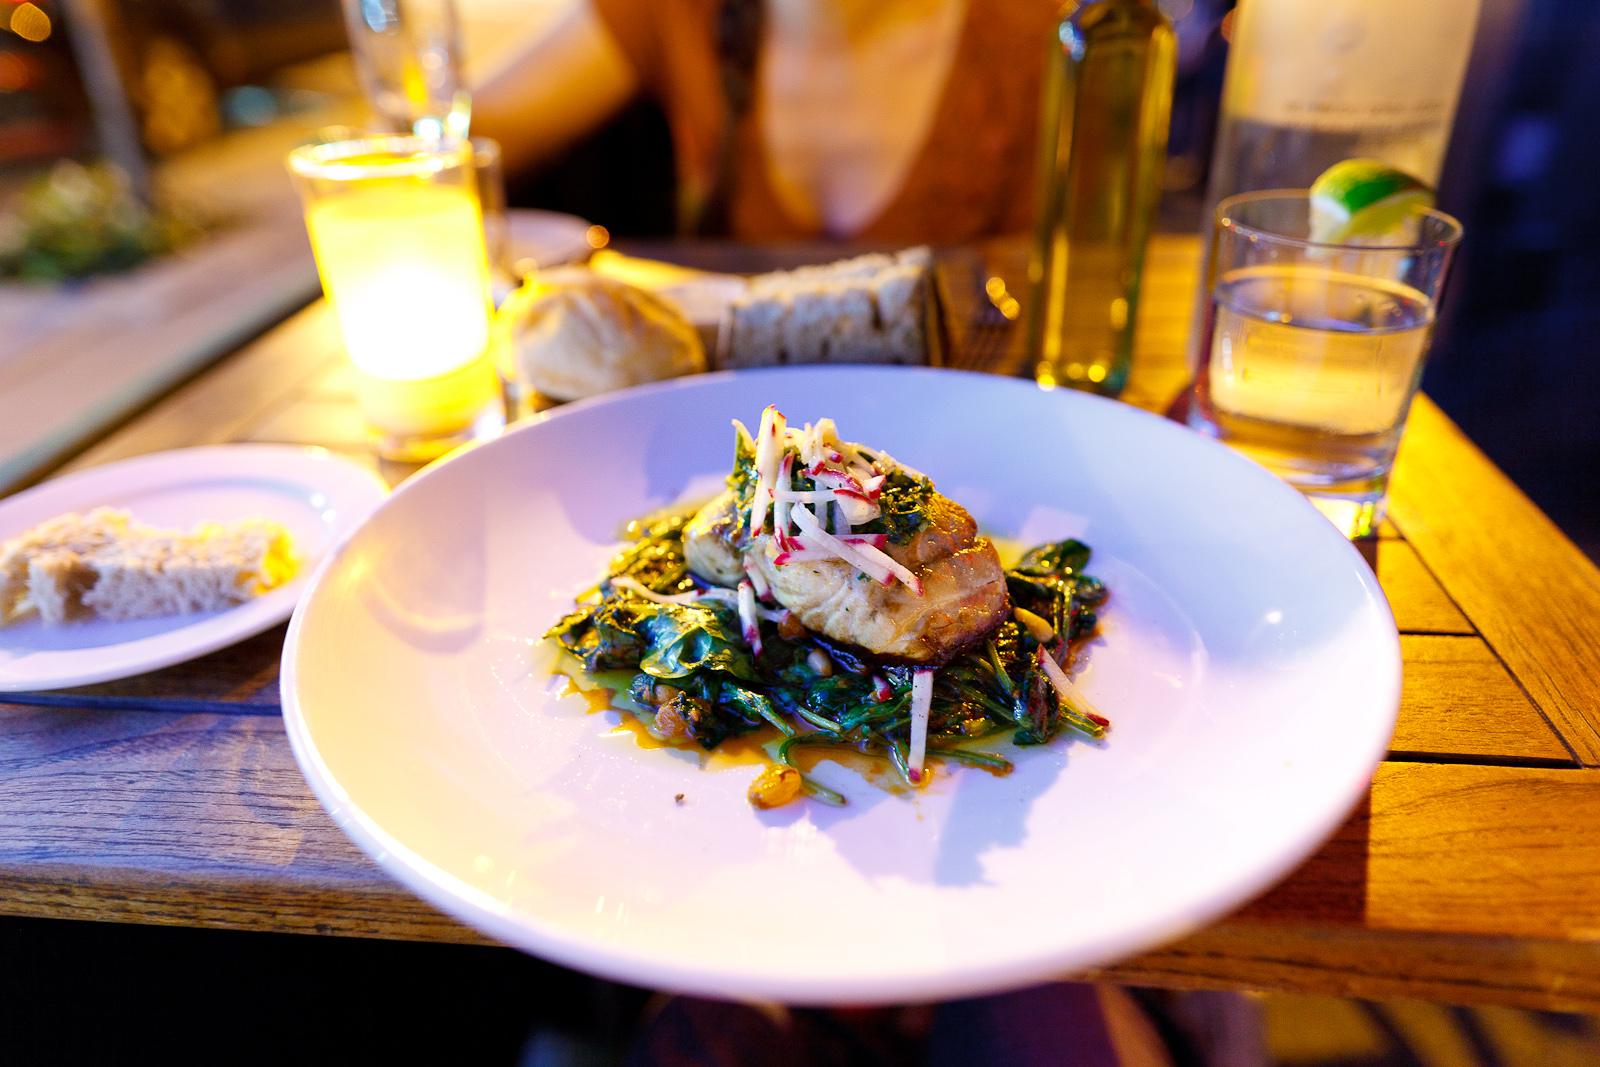 Montauk bluefish - harissa, spinach, pine nuts, golden raisins and gremolata ($24)